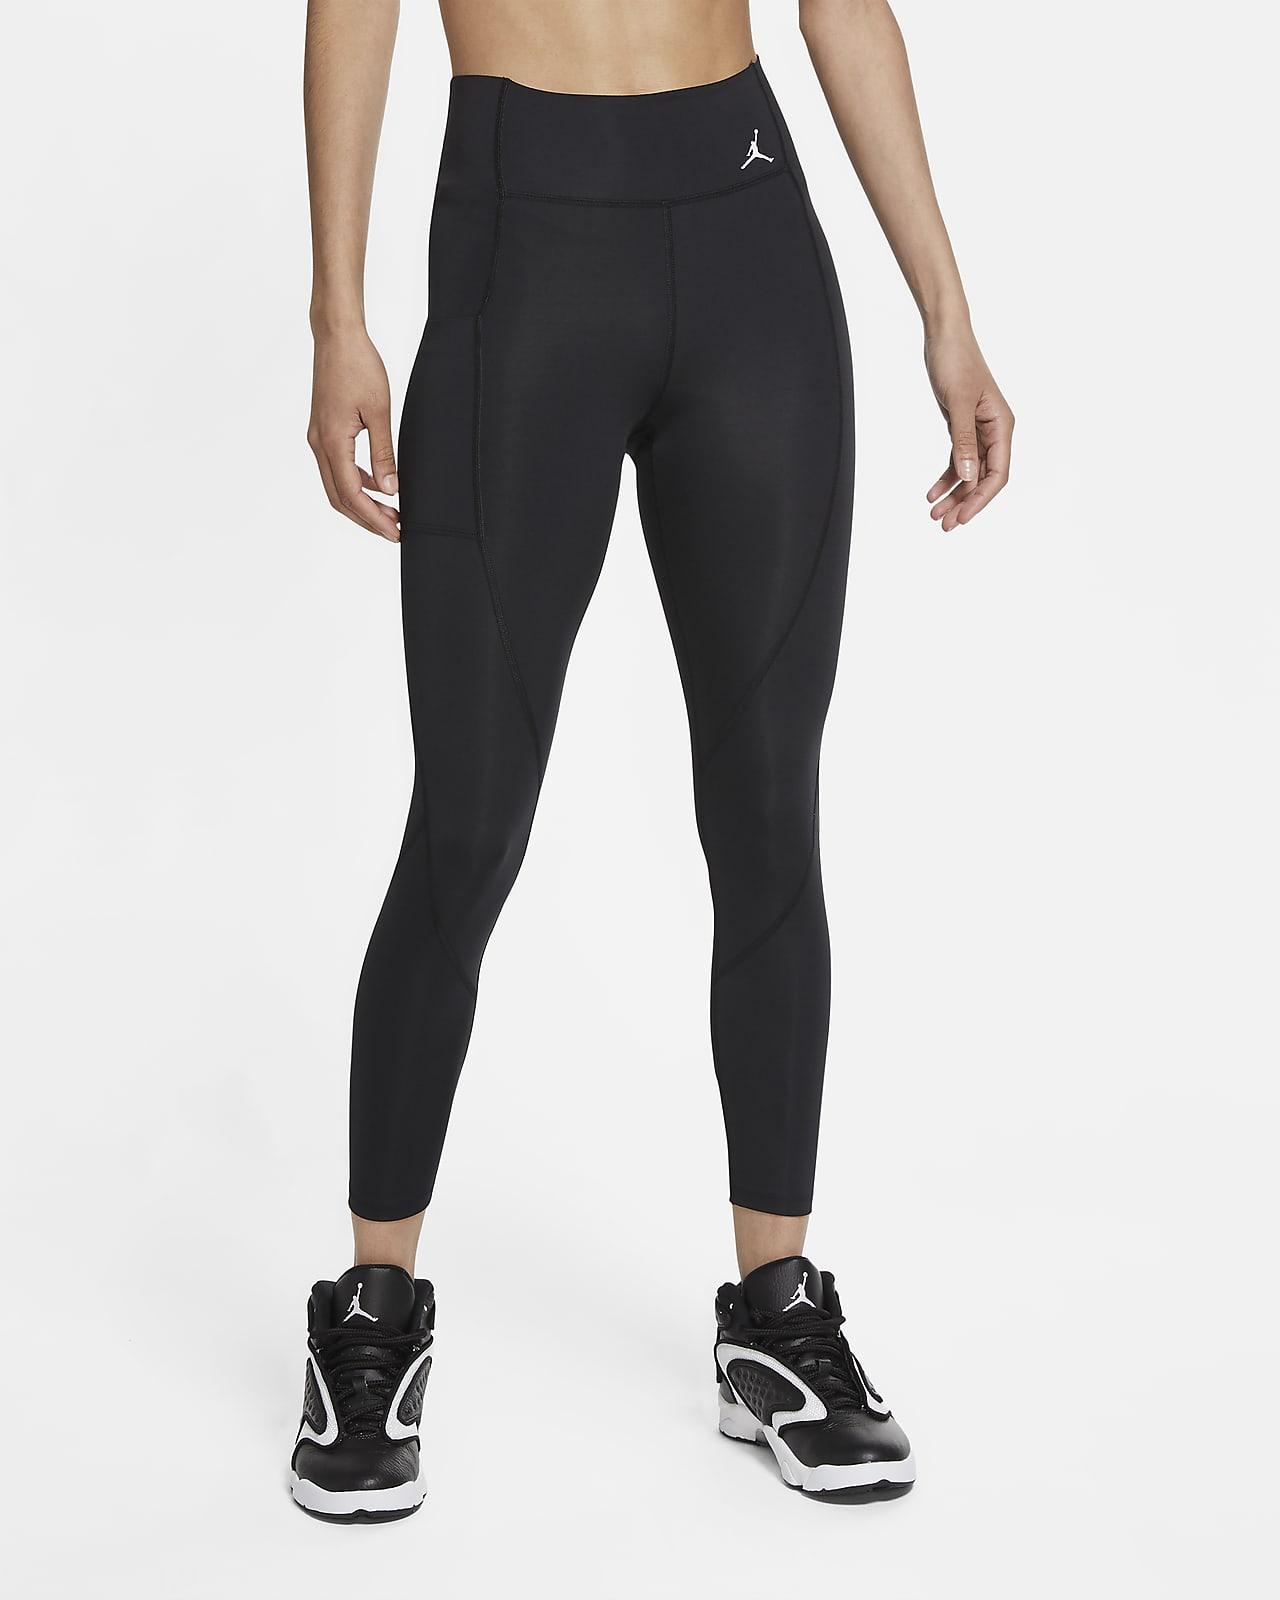 Jordan Essentials Women's Mid-Rise 7/8 Leggings